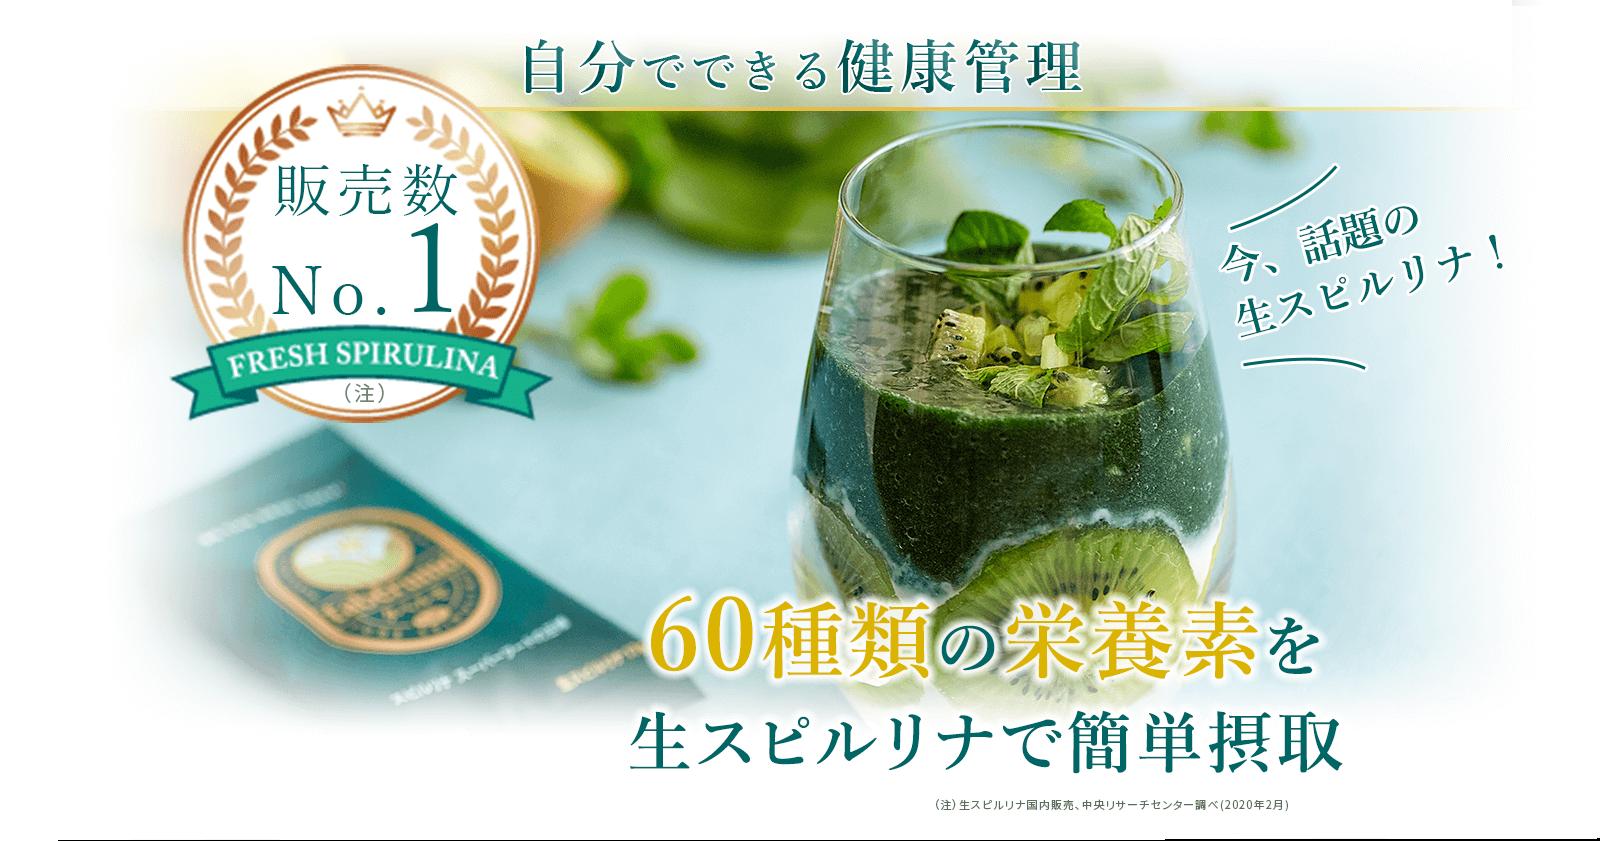 自分でできる健康管理。60種類の栄養素を生スピルリナで簡単摂取!